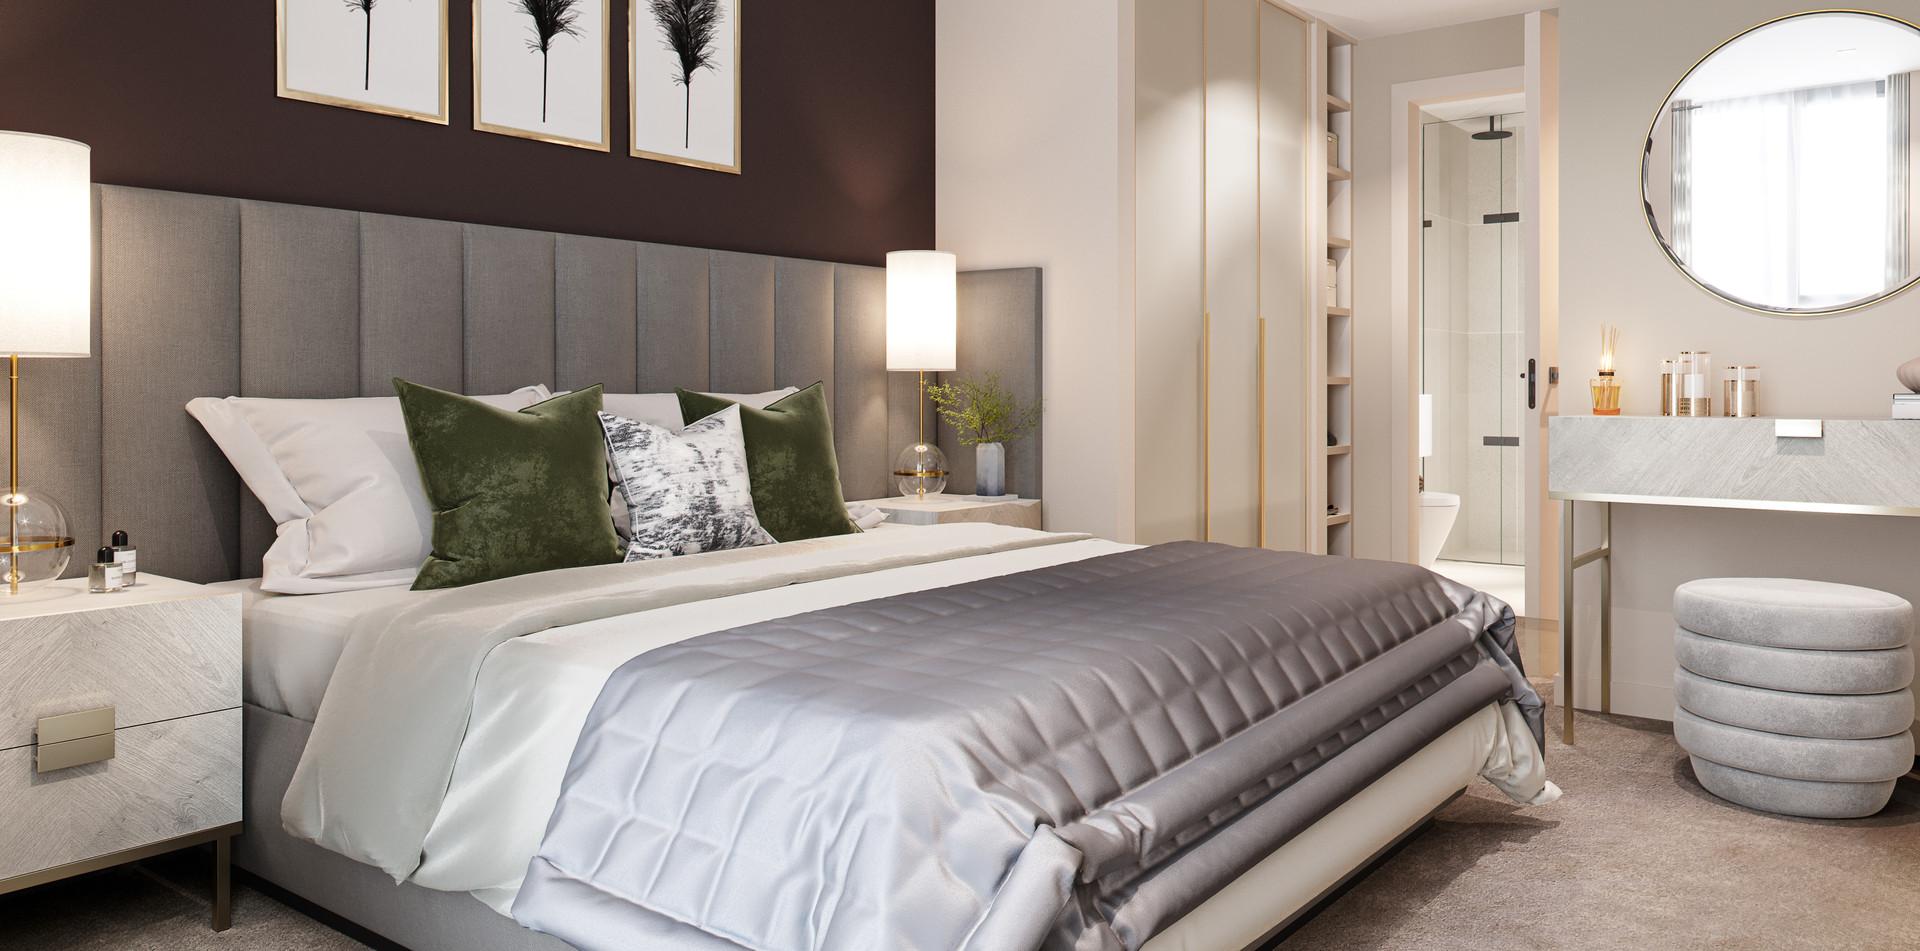 vb1648953_SKings Road Park - SW6 LondonW-FGW_2_Bedroom_Bedroom.jpg